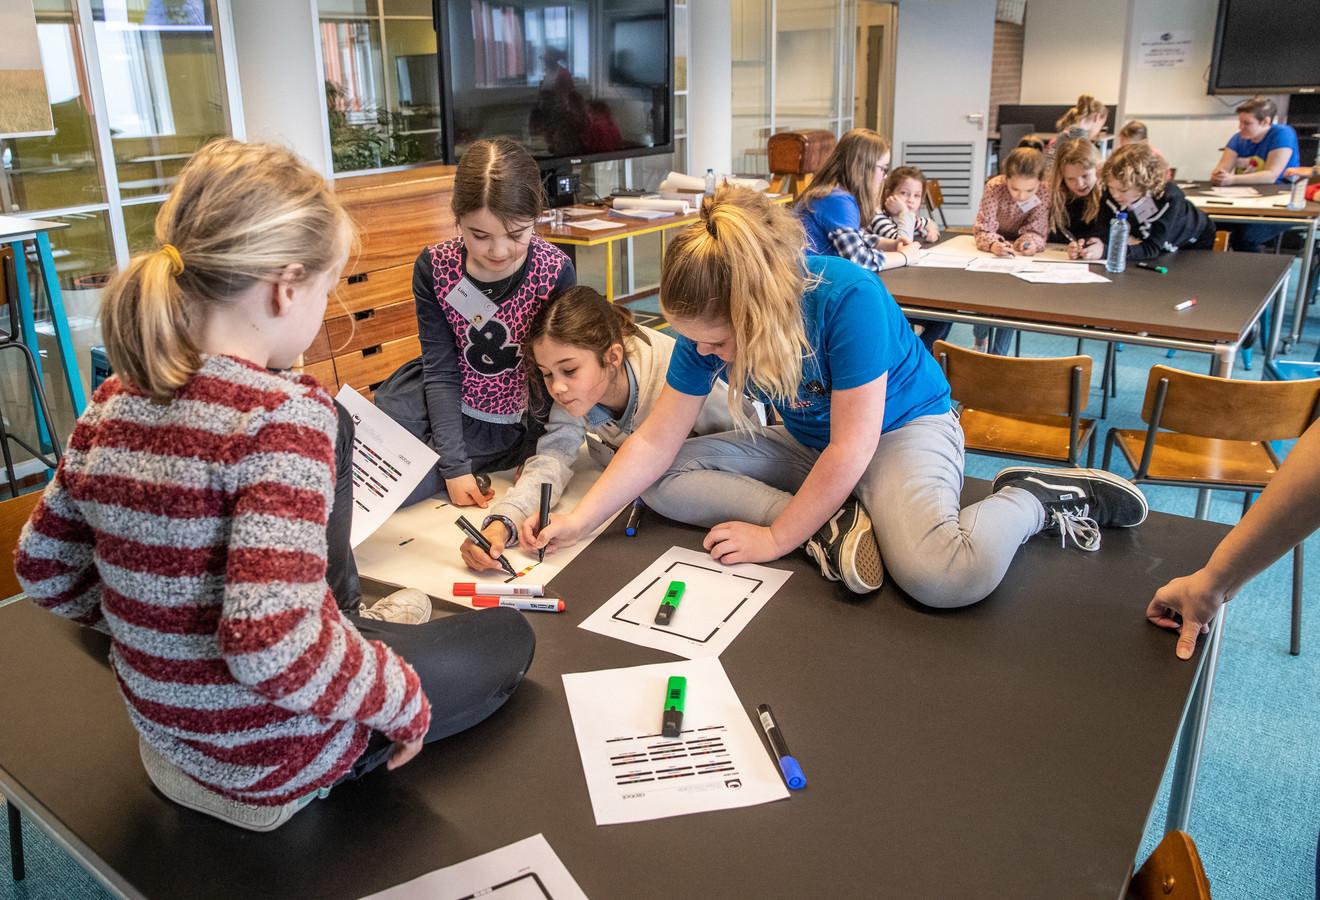 Meisjes van 8-16 jaar gaan op Windesheim aan de slag met programmeren van apps, games etc. Onder begeleiding van ICT'ers en studenten.© 2019 Frans Paalman Zwolle